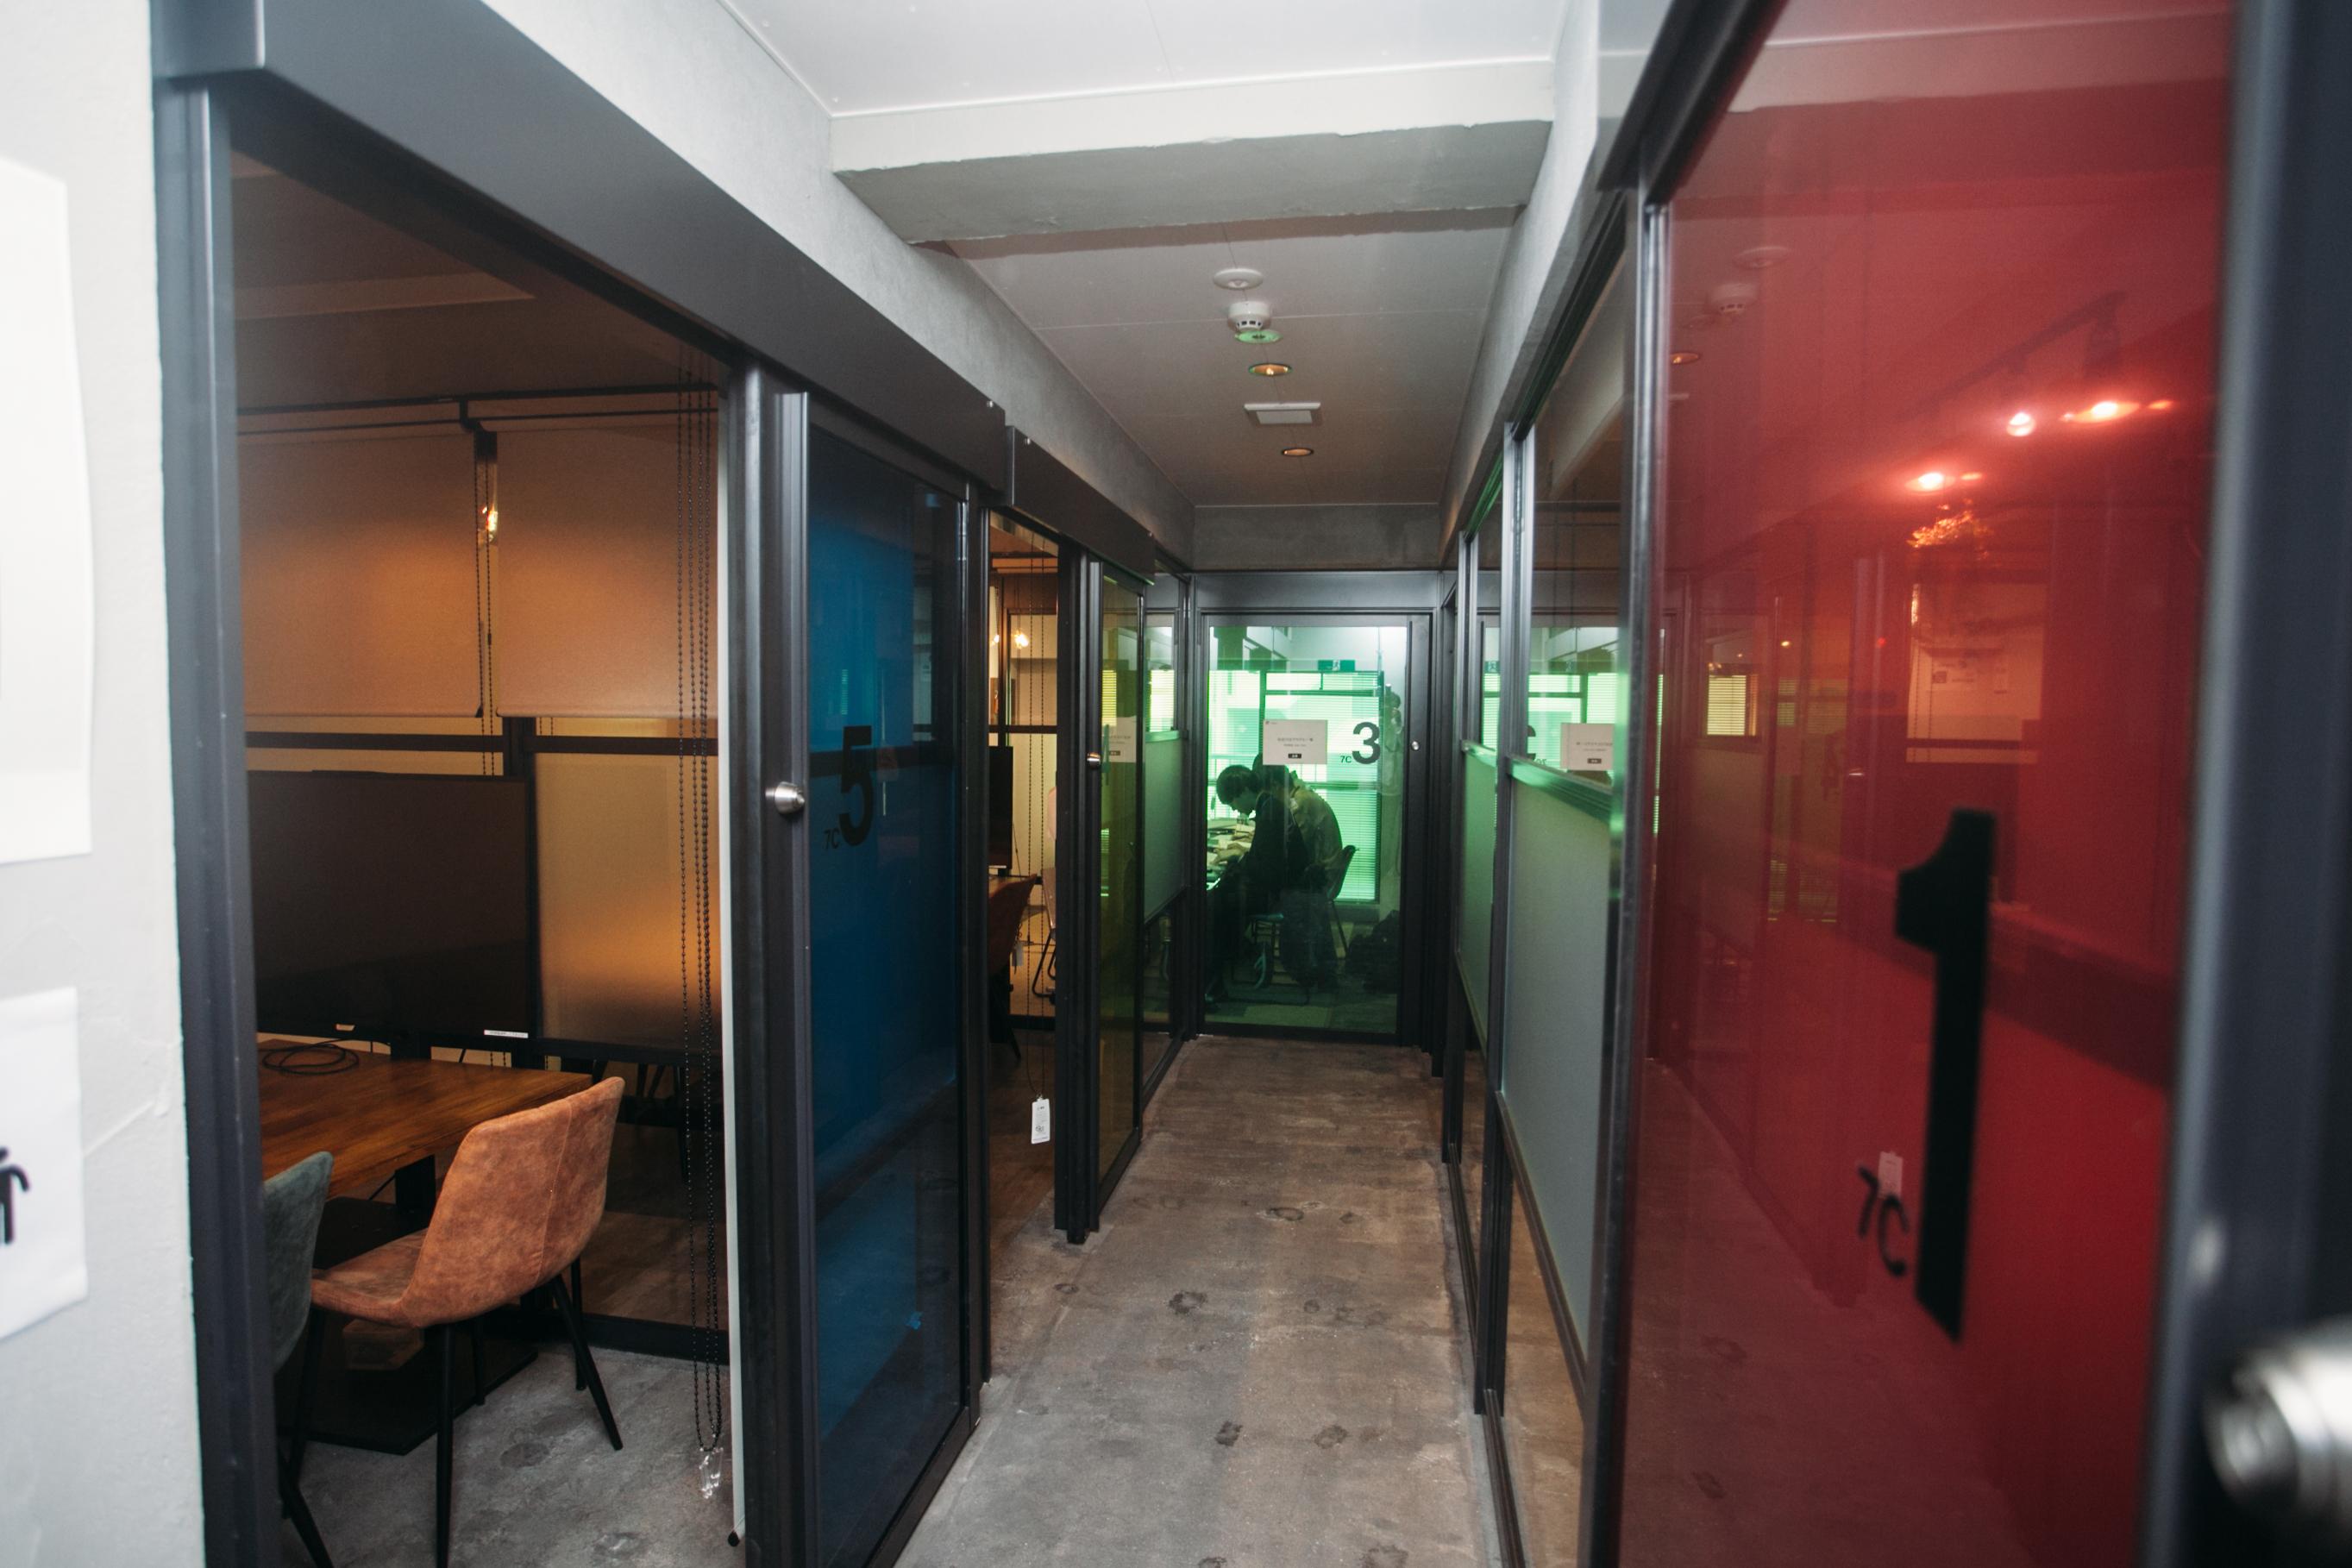 7階の小会議室は部屋ごとにガラスの色が違っていて、非日常的な空間に